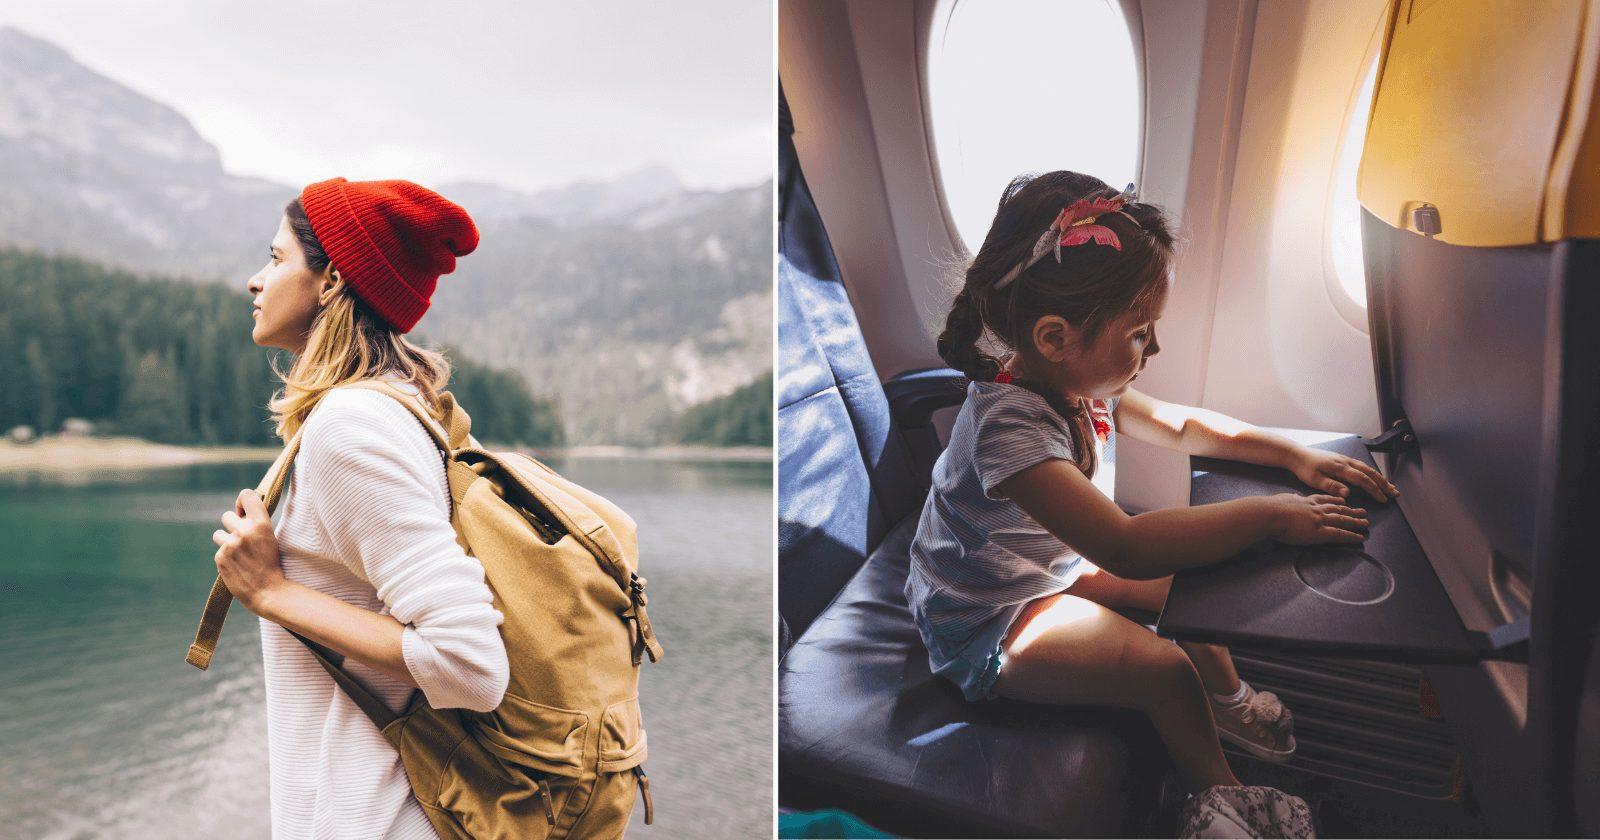 Com quantos anos pode viajar sozinho de avião? Te explicamos TUDO!